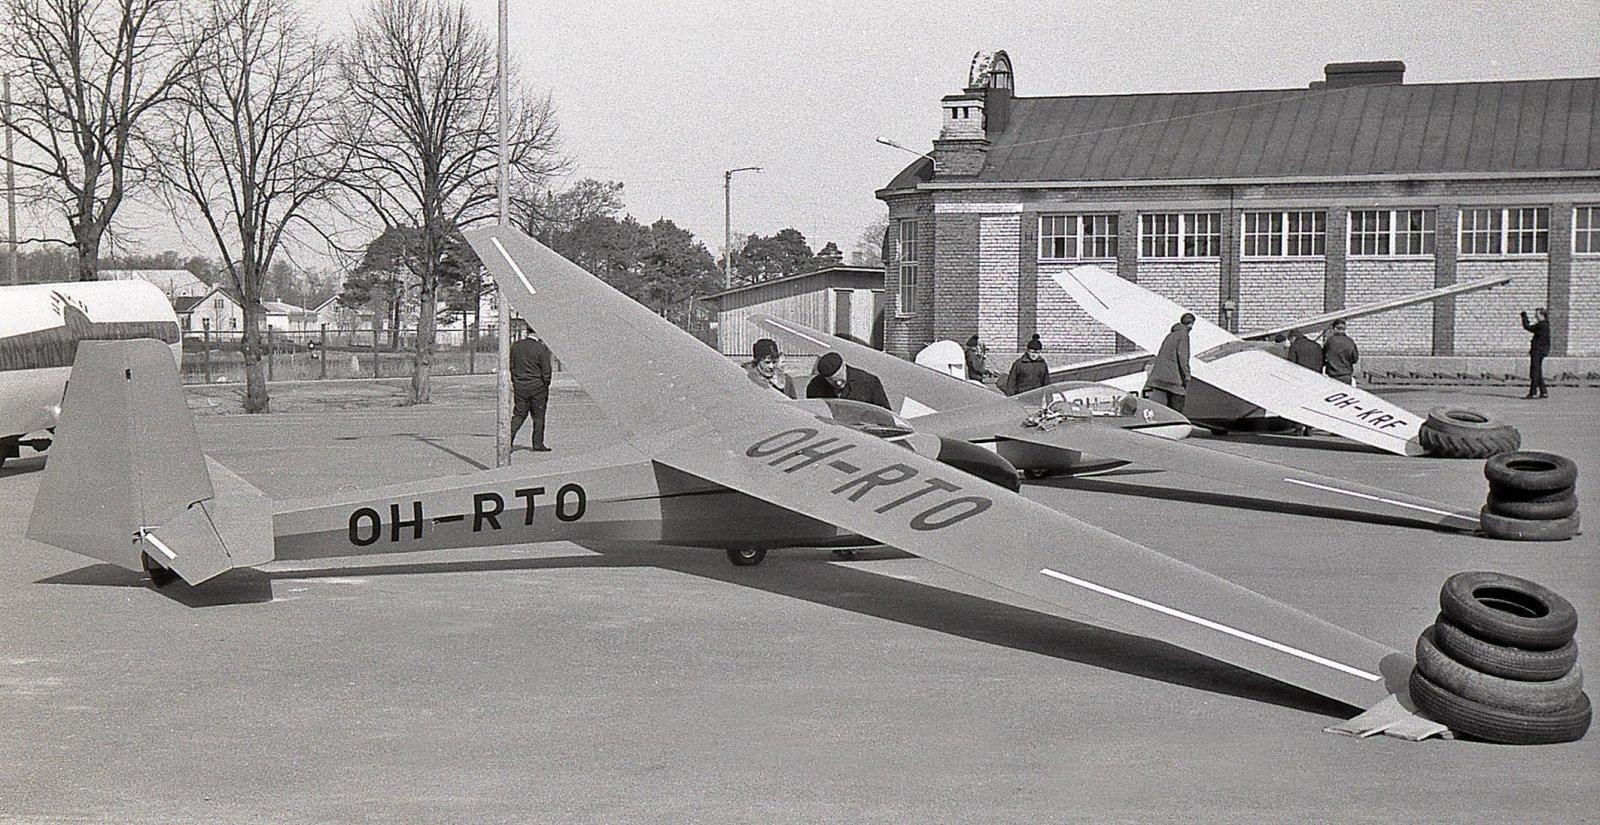 Schleicher K-8B OH-RTO, PIK-16C Vasama OH-VAL & Schleicher Rhönlerche II OH-KRF Hanko 1965-04-27